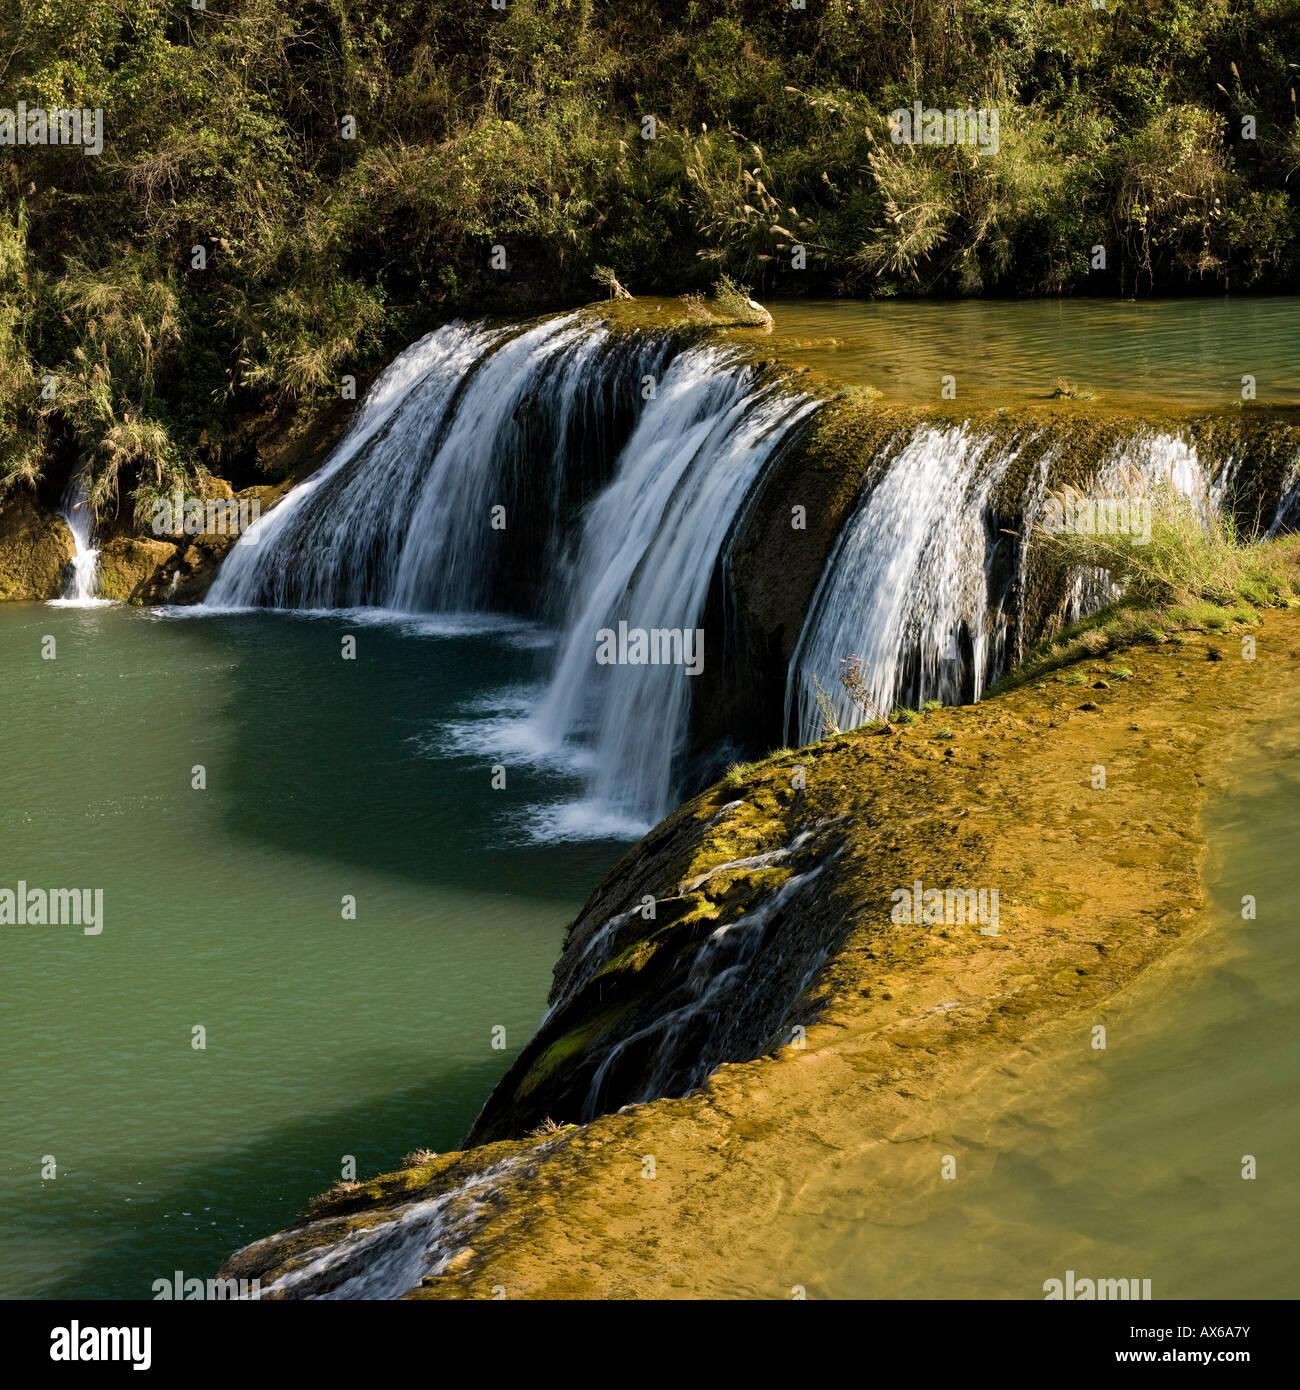 Upper cascades of Jiulong (Nine Dragons) waterfall Yunnan, China - Stock Image